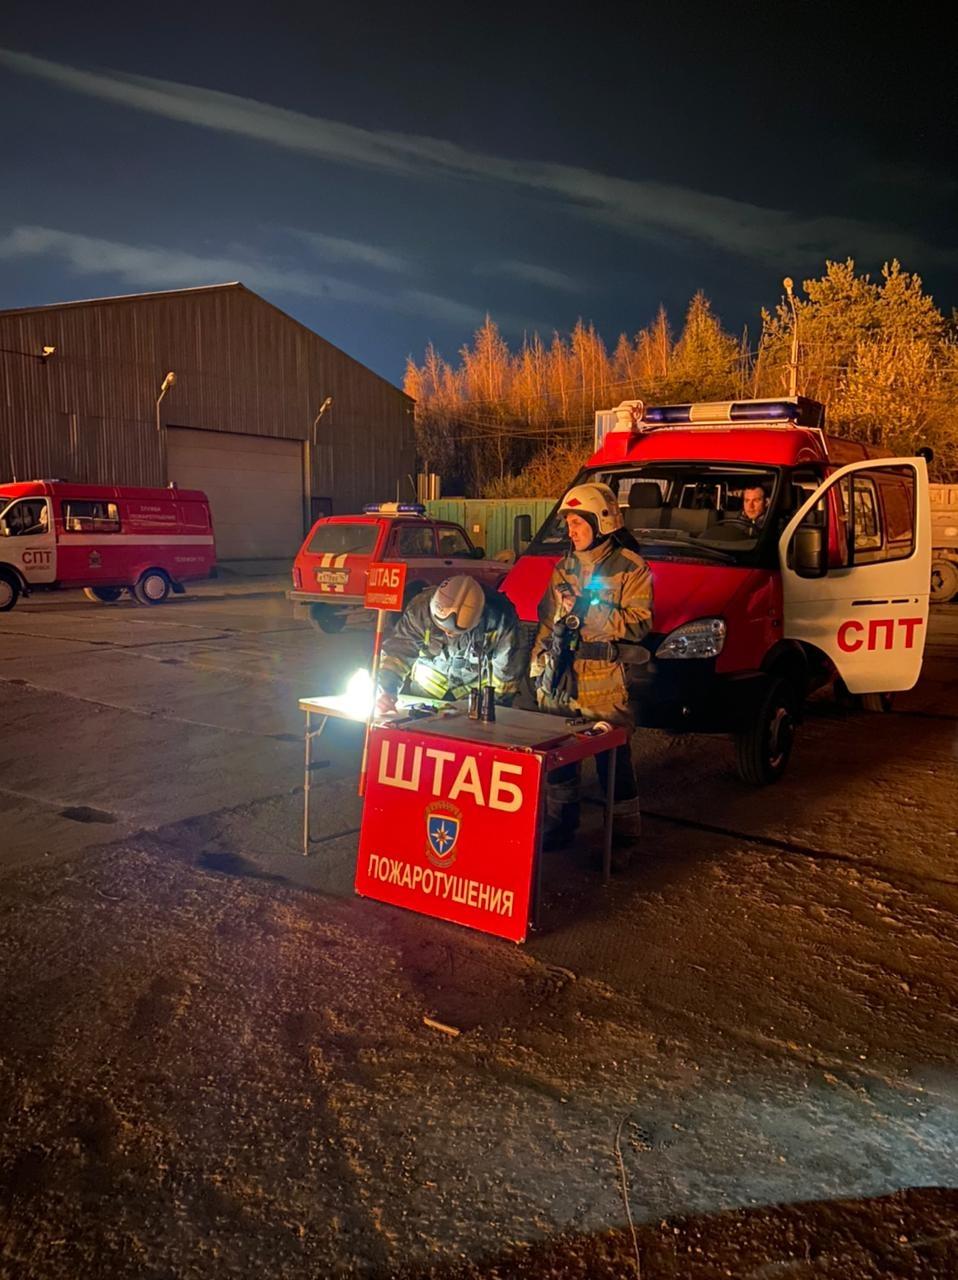 Пожарно-спасательные подразделения ликвидируют пожар в Ломоносовском районе